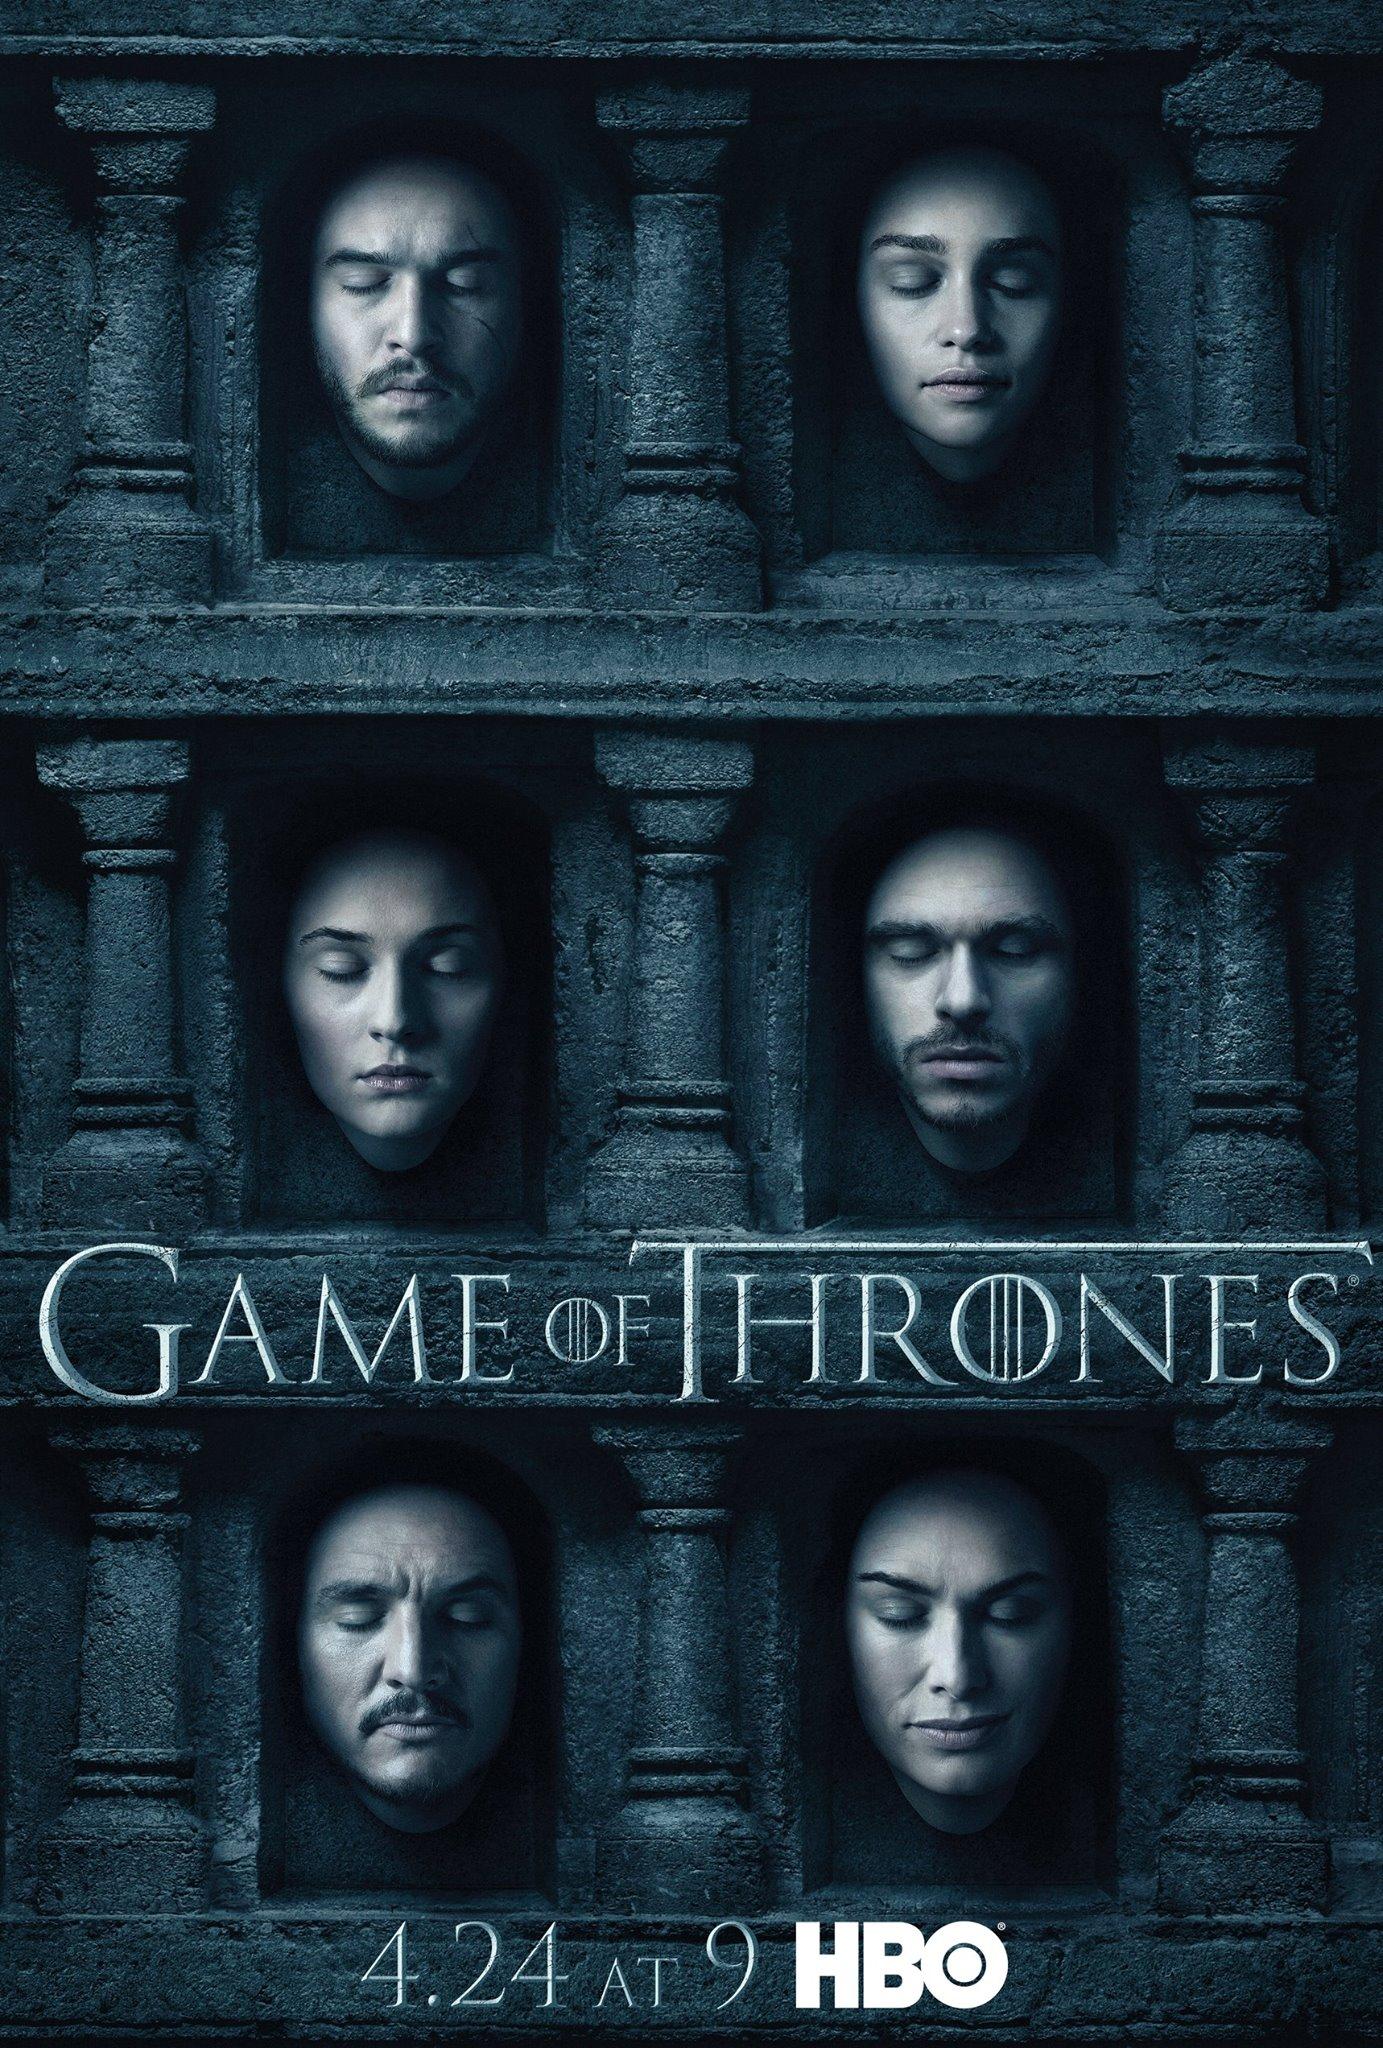 Il trono di spade: un poster dedicato ai protagonisti della serie